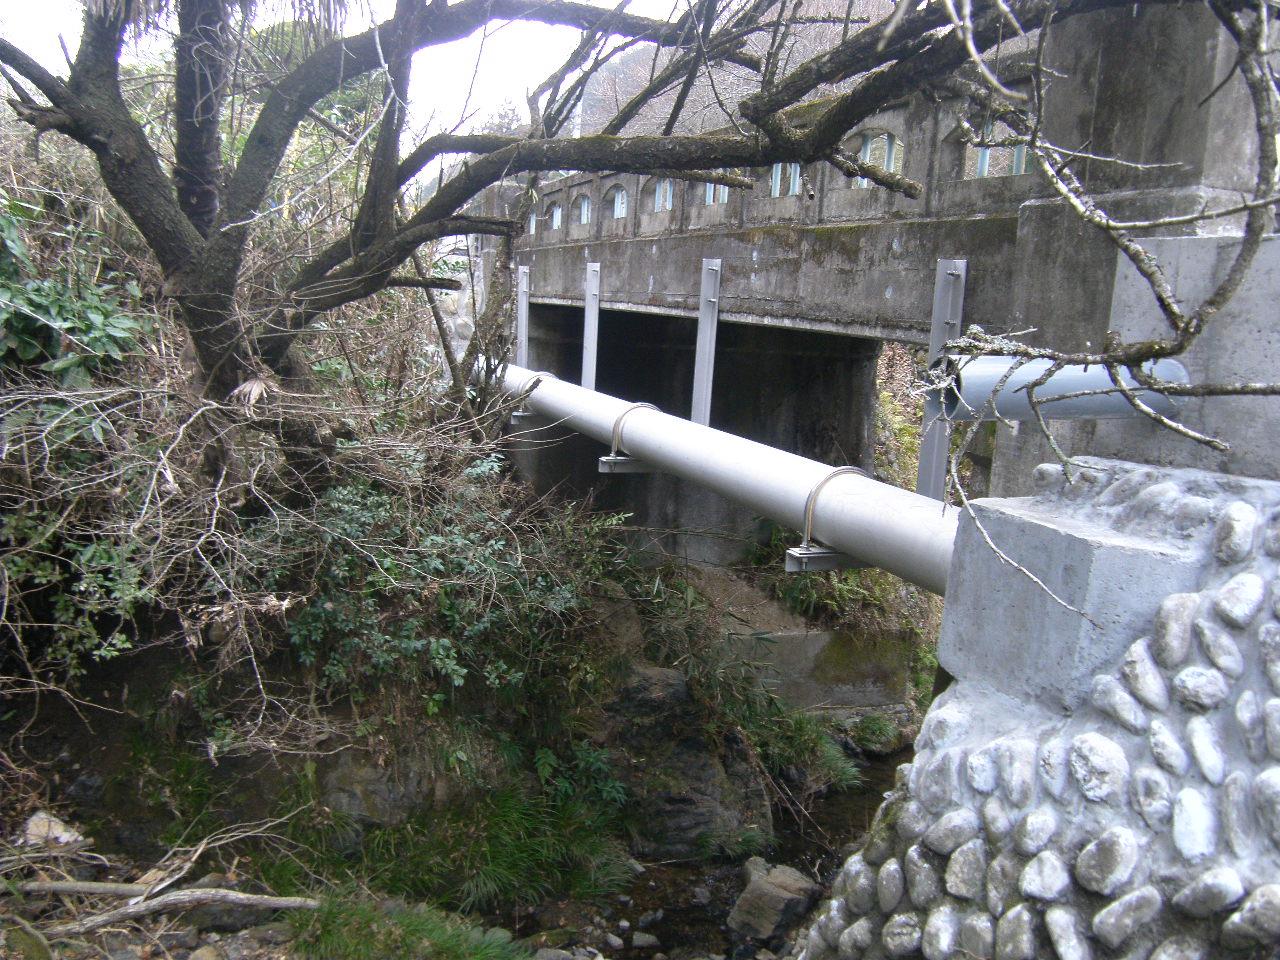 青梅市公共下水道北部排水区黒沢小曾木地区枝線布設26の1工事